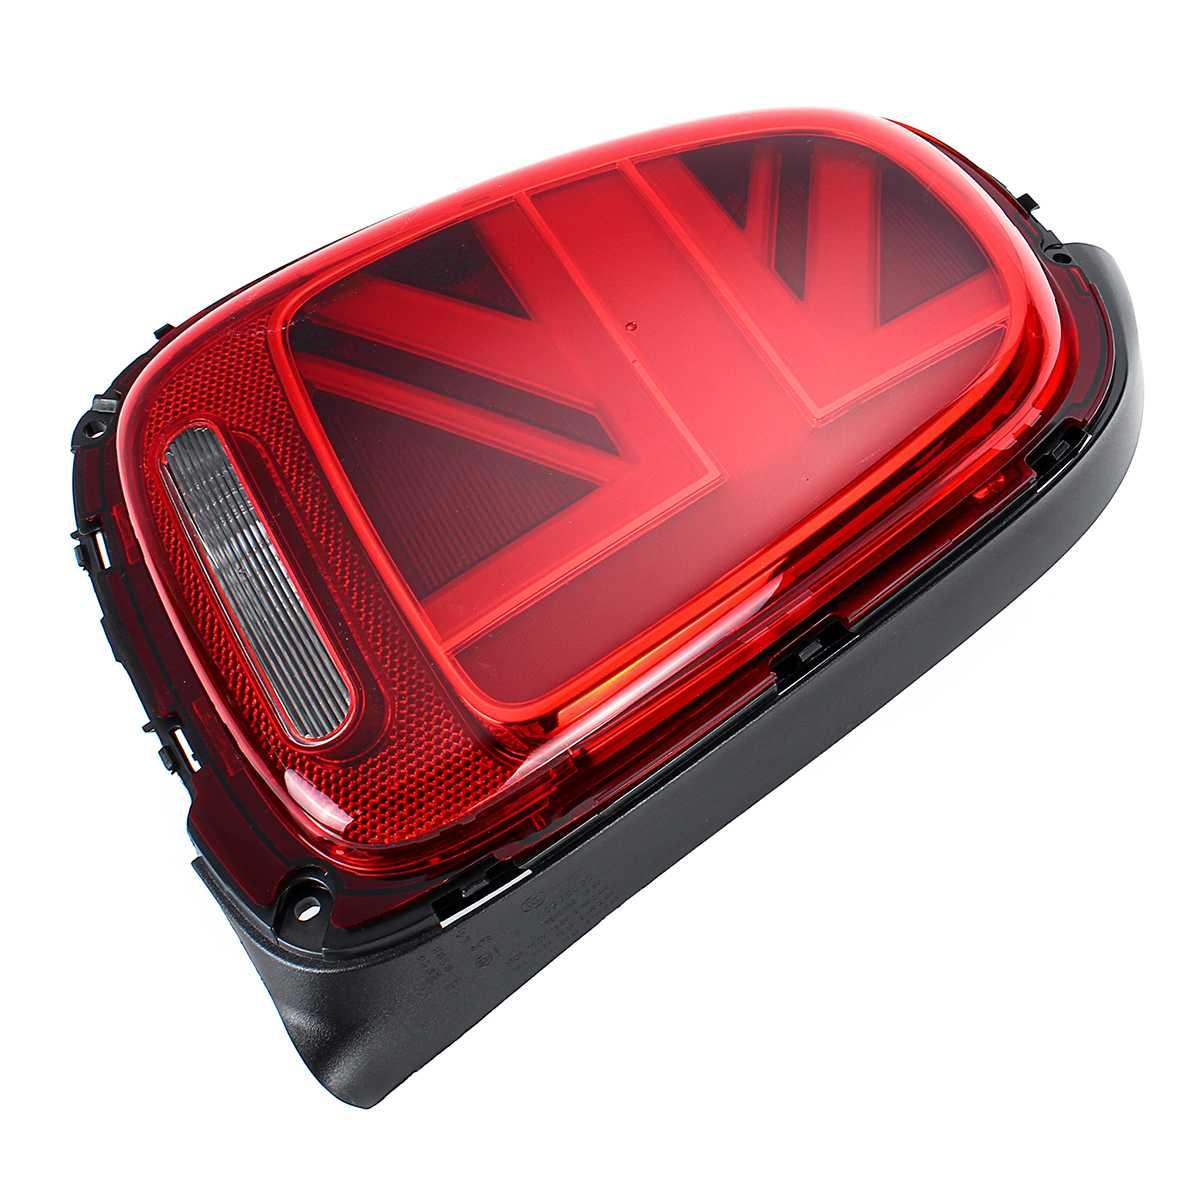 Image 4 - 2 sztuk światło tylne samochodu uniwersalny dla Mini Cooper F55 F56 F57 2014 2015 2016 2017 2018 + LED W/żarówką tylne światło cofania tylne światło przeciwmgłoweLampy sygnałowe   -